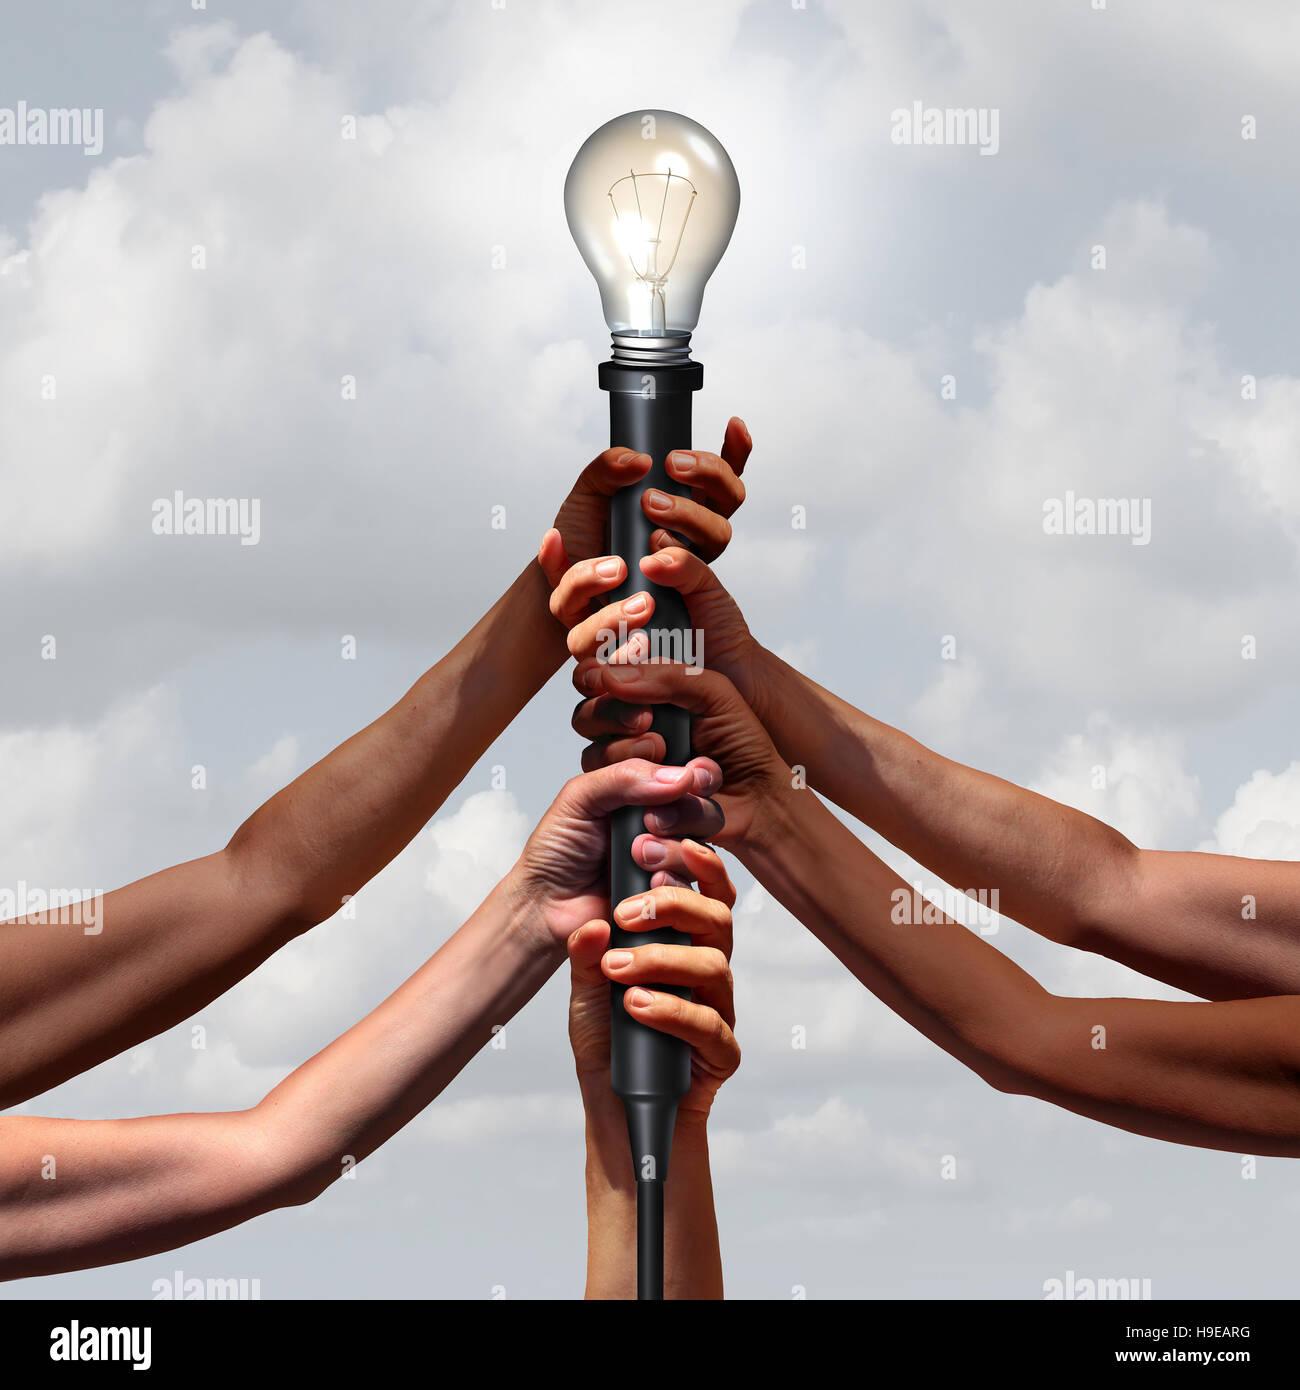 Idea tan diverso grupo de personas sosteniendo una toma de luz eléctrica con una bombilla iluminada como una Imagen De Stock